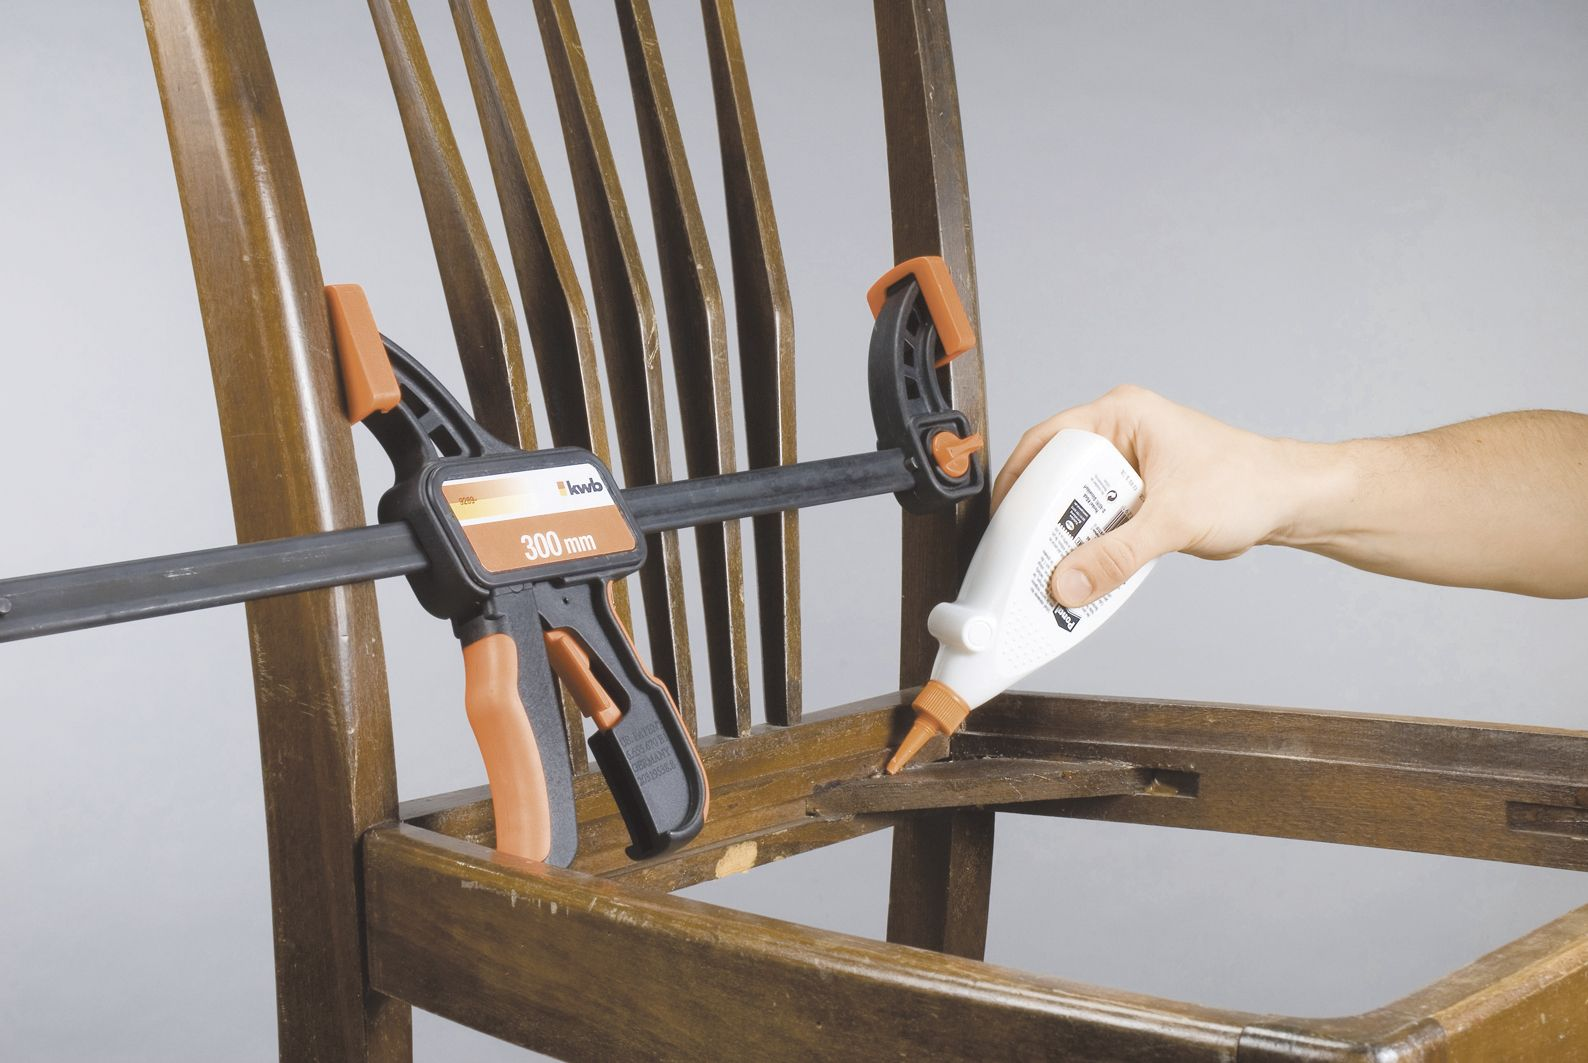 Holzstühle Wackelige und reparieren quietschende selbst vN8Omn0w